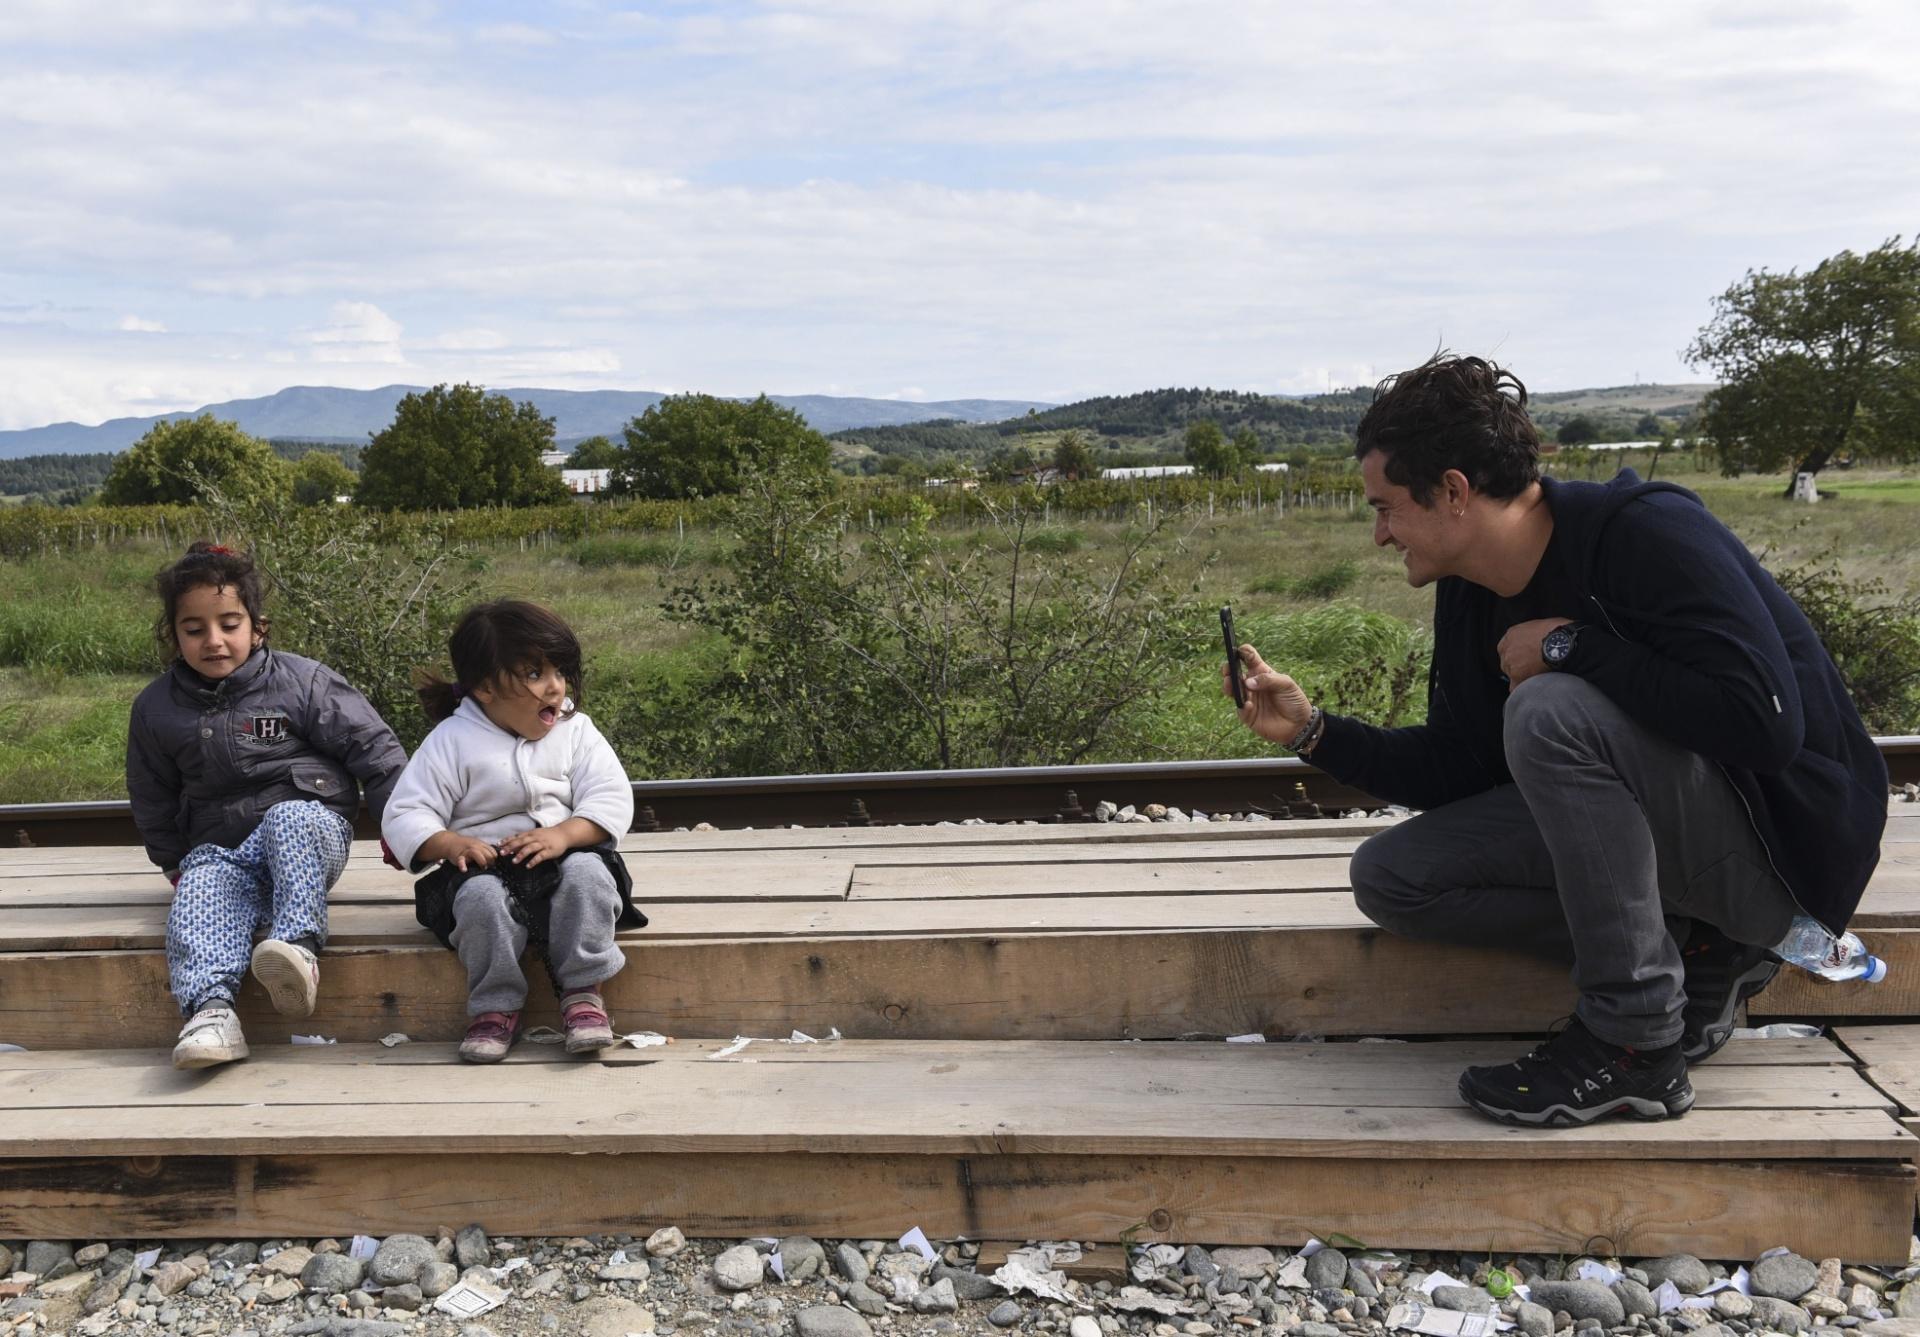 28.set.2015 - O ator britânico Orlando Bloom, embaixador da Boa Vontade do Unicef, tira fotografia de crianças em visita a campo de refugiados em Gevgelija, Macedônia